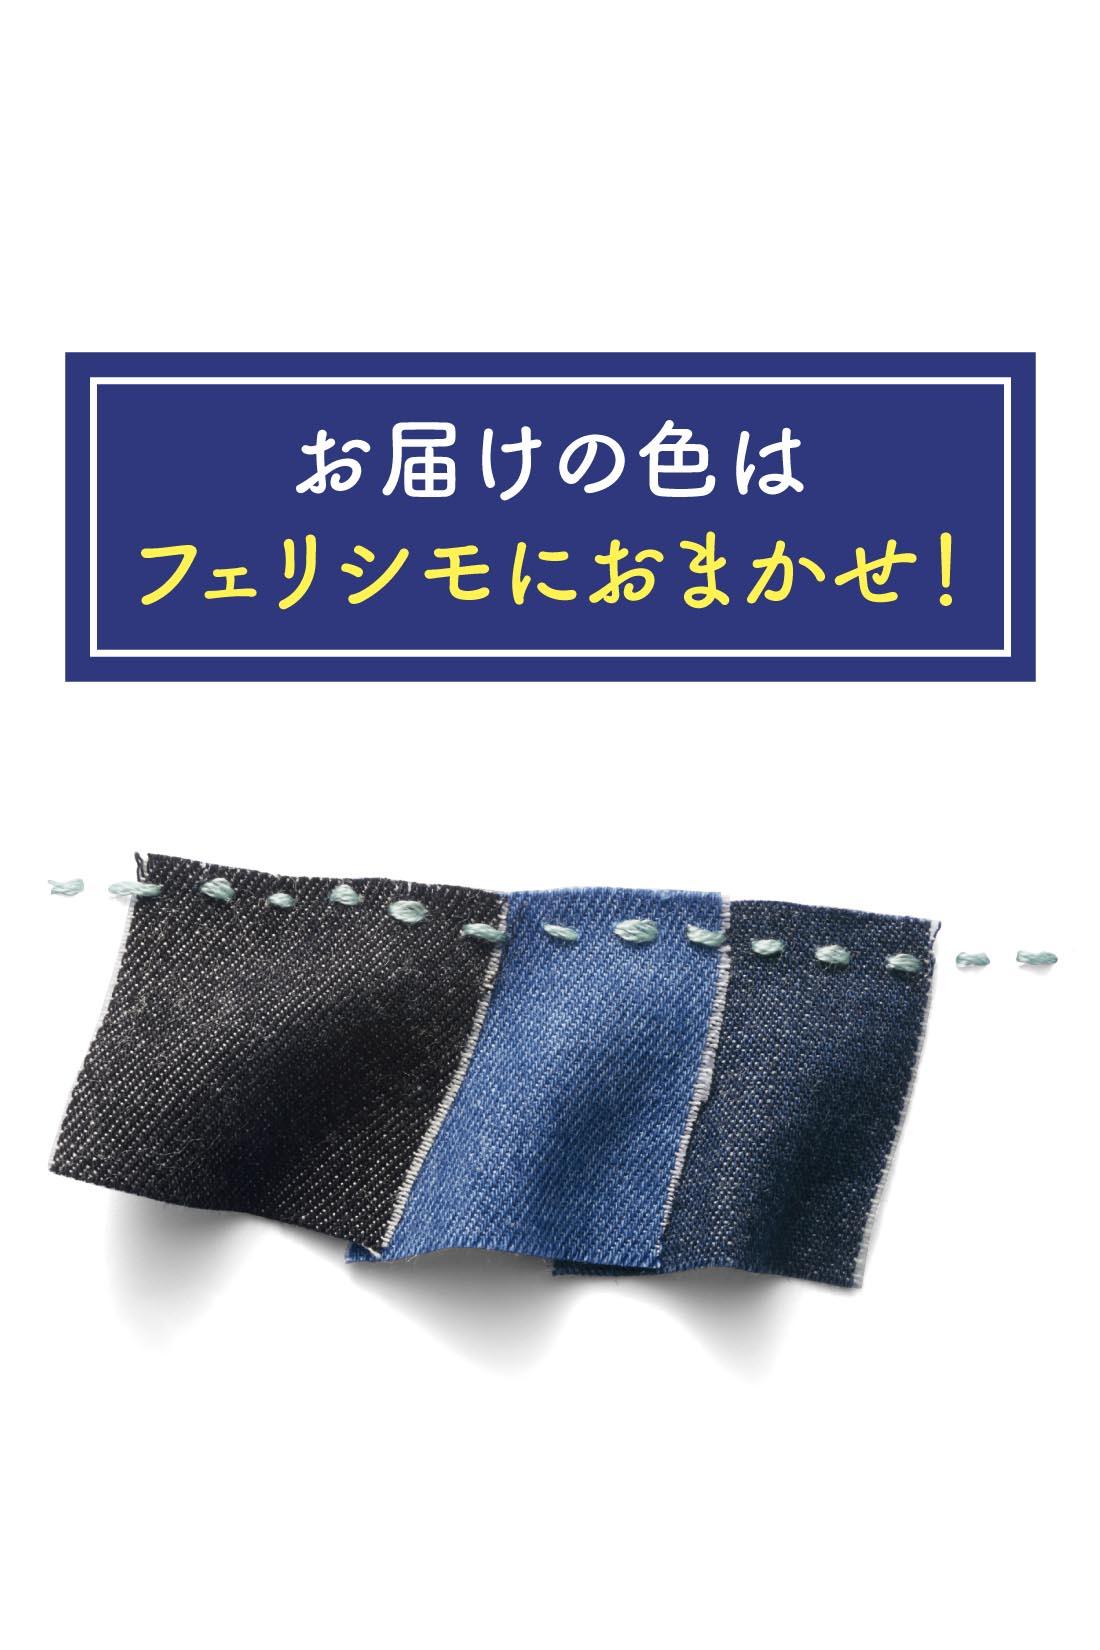 薄手で涼しい夏デニム。ブラックやネイビーなど、着こなしやすいラインナップ。色で雰囲気が変わるので、何色か持っていると便利。